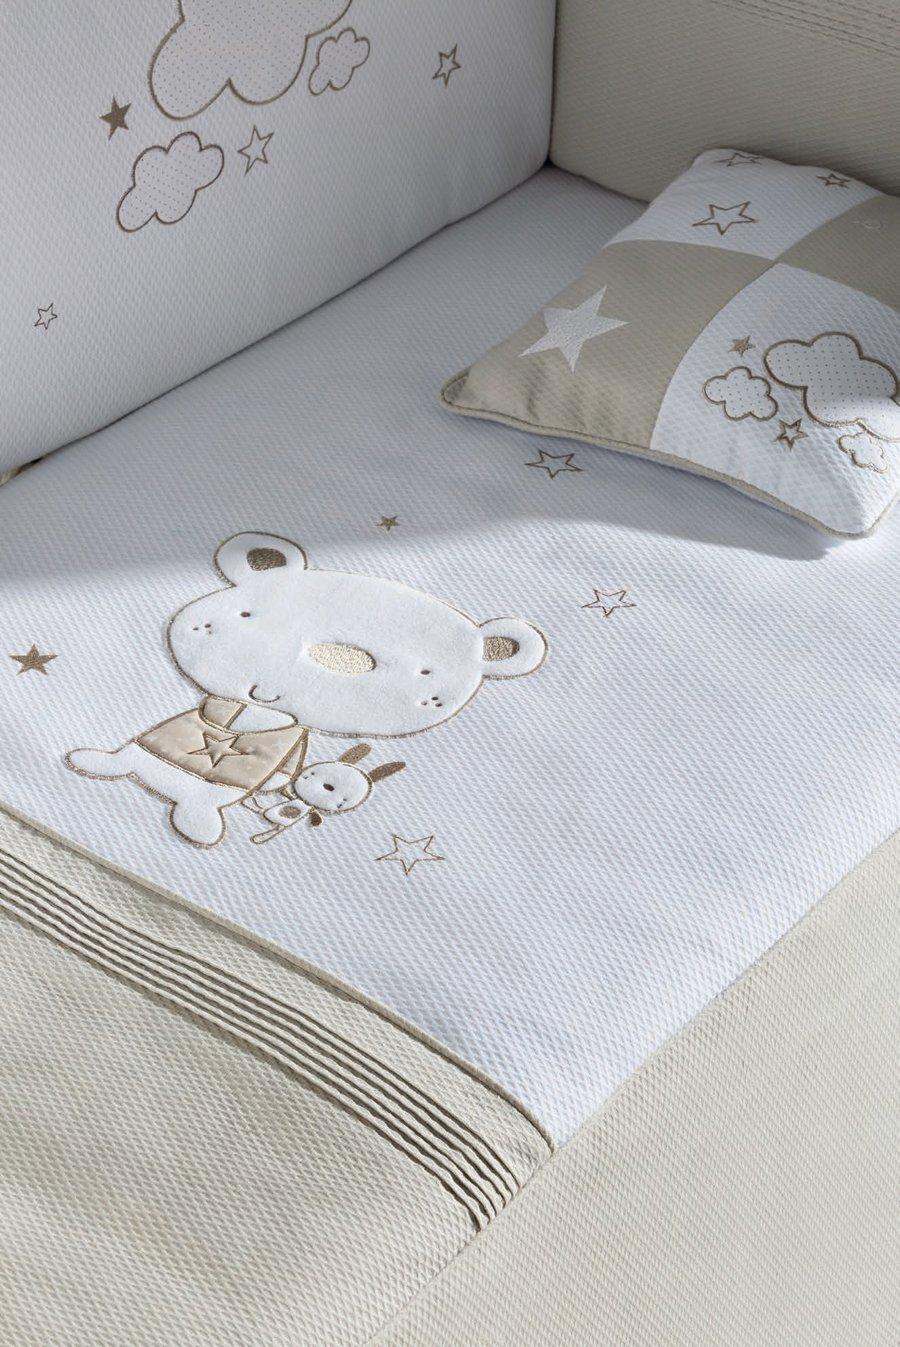 pirulos 21013013–Bettbezug, Displayschutzfolie und Kissen mit Motiv Bär Star, 62x 125cm, Farbe Weiß und Leinen